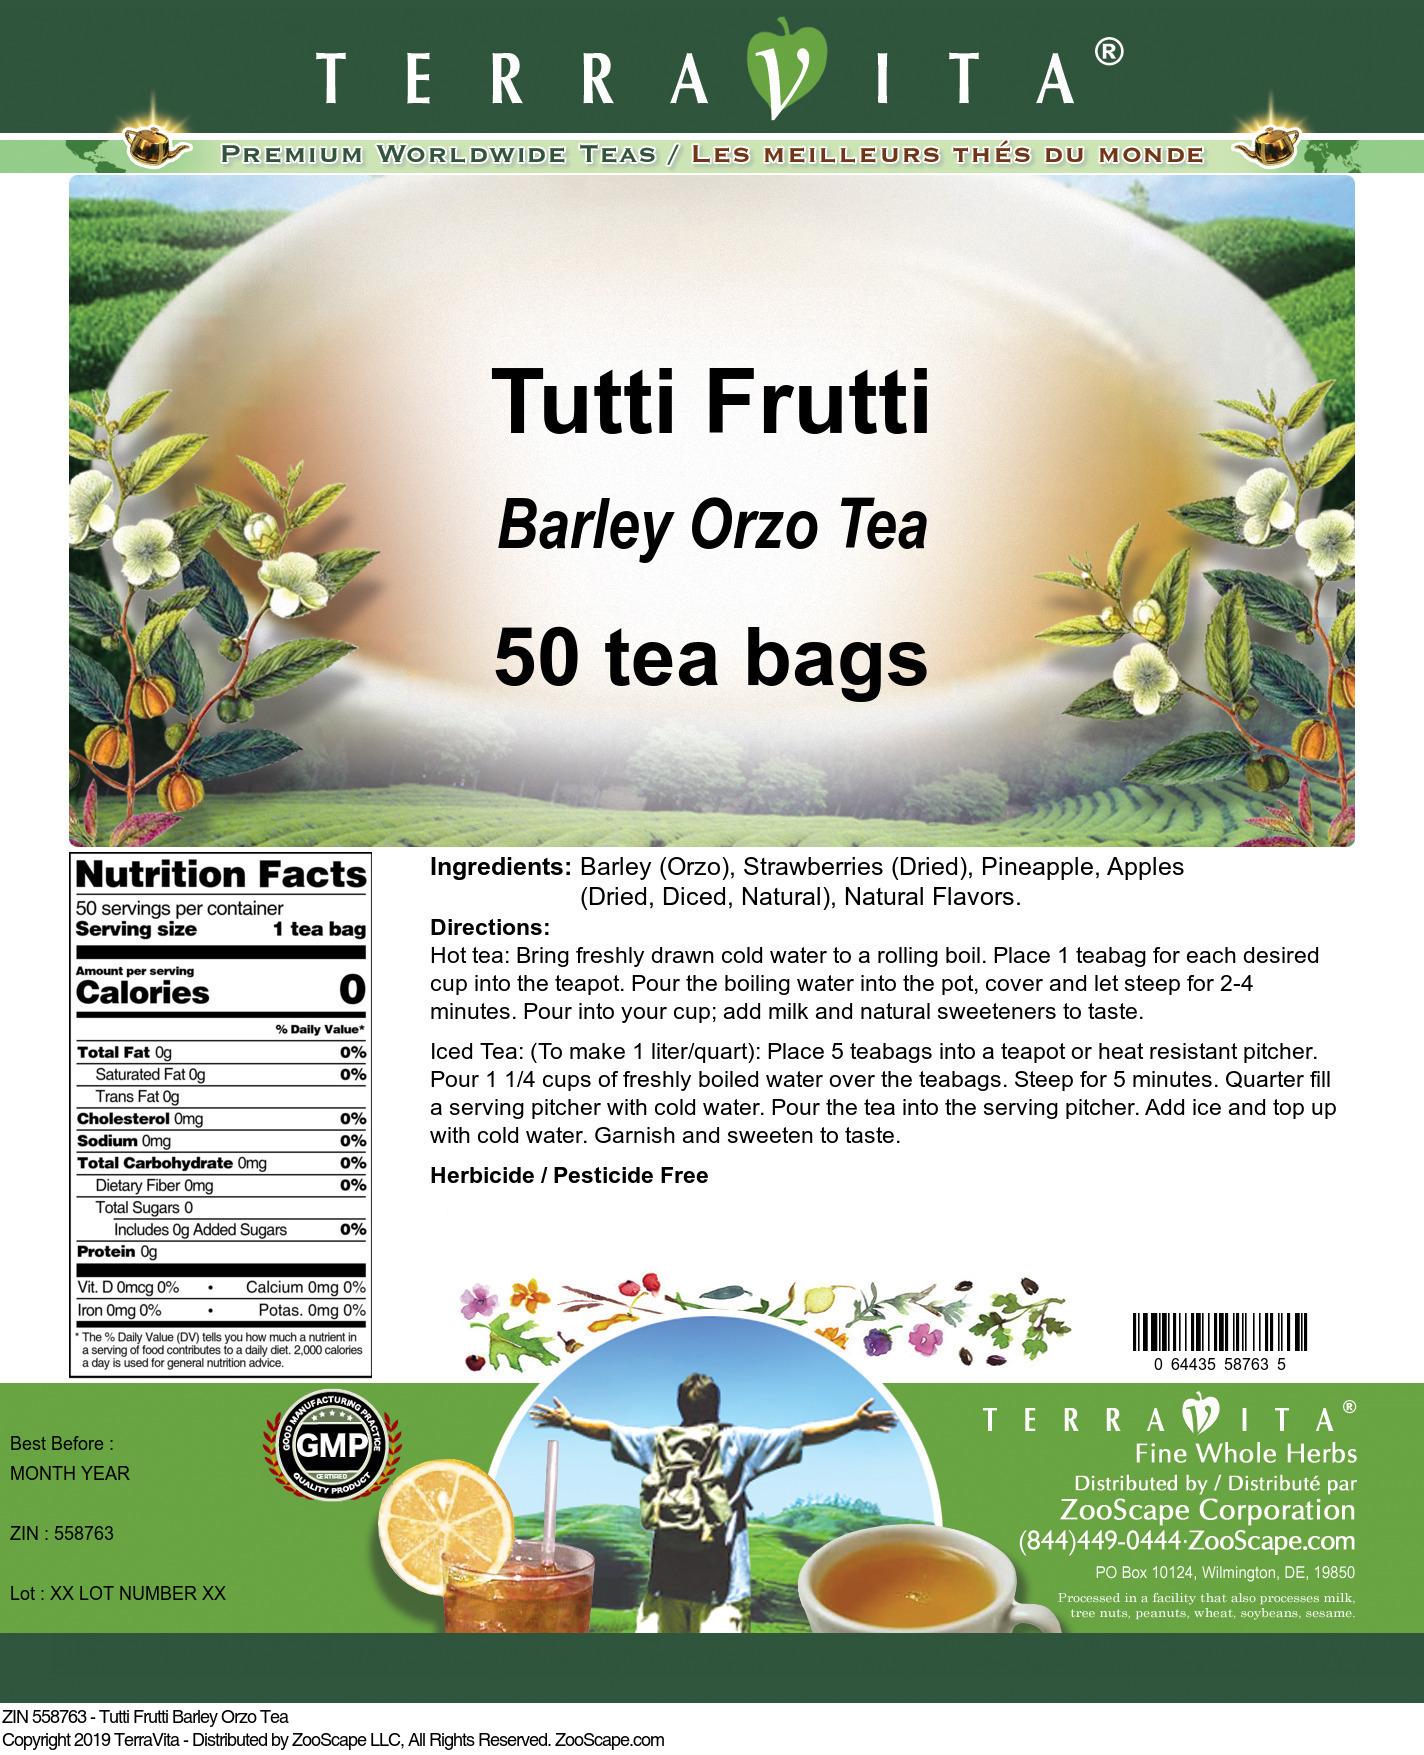 Tutti Frutti Barley Orzo Tea